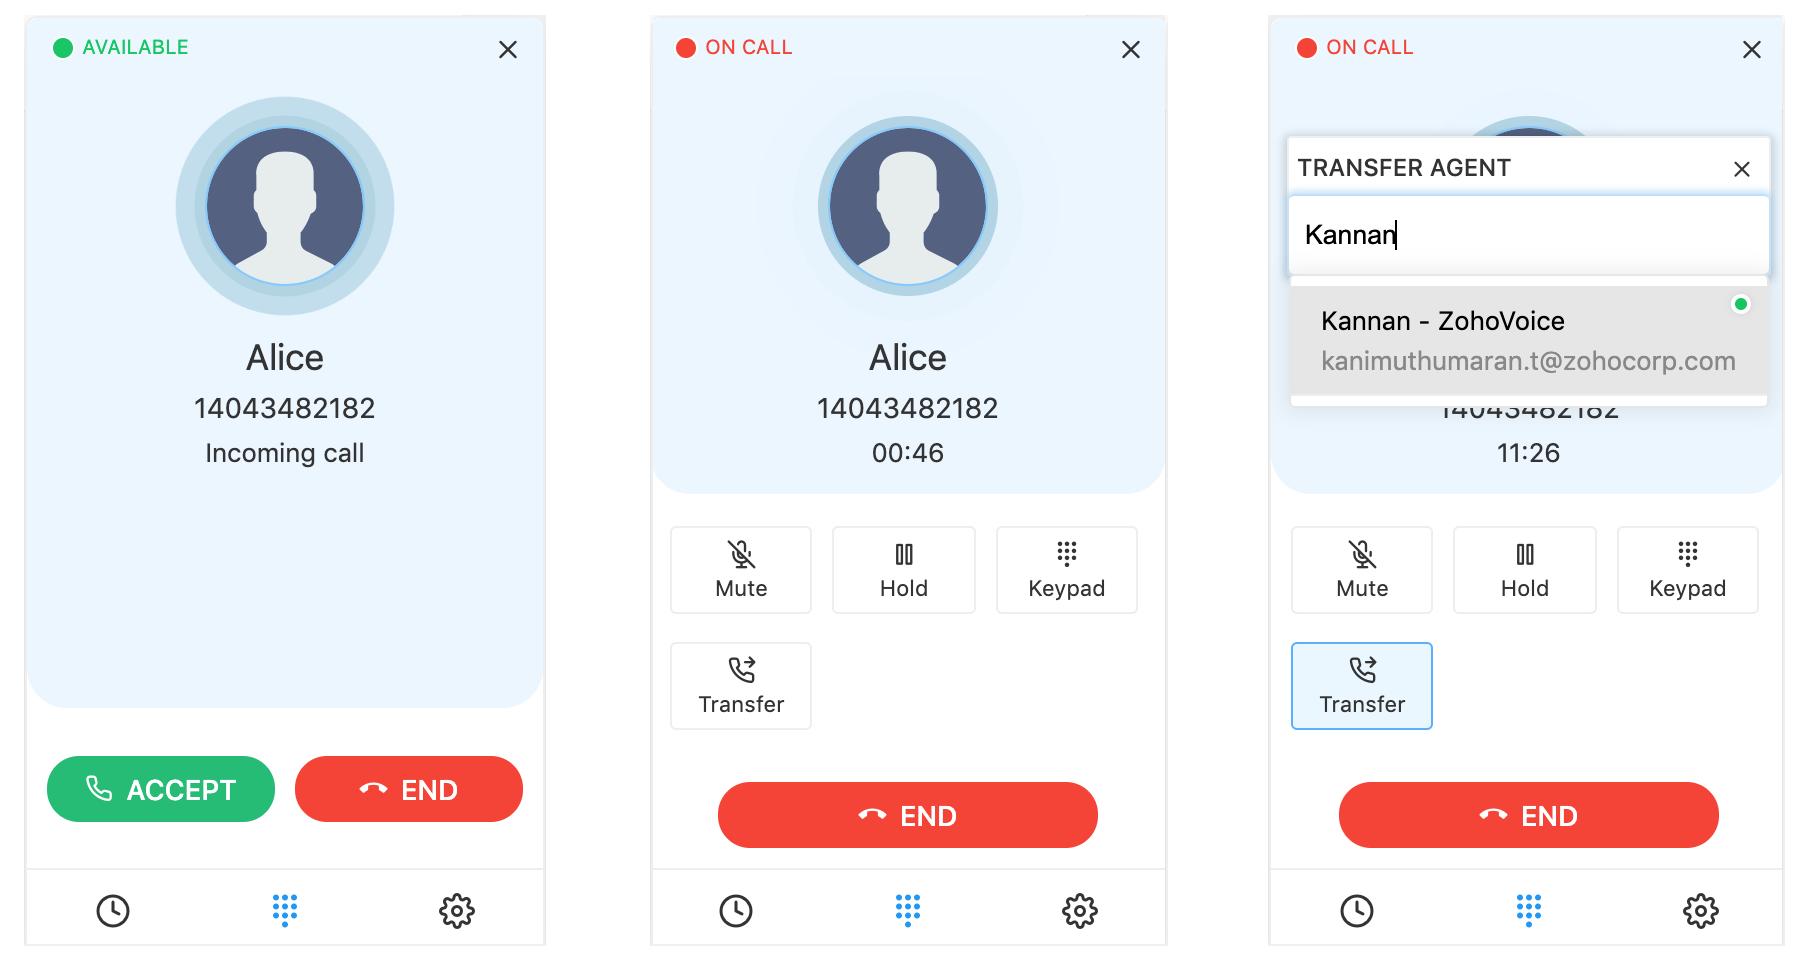 تحويل المكالمات إلى الموظف المناسب في زوهو فويس Zoho Voice